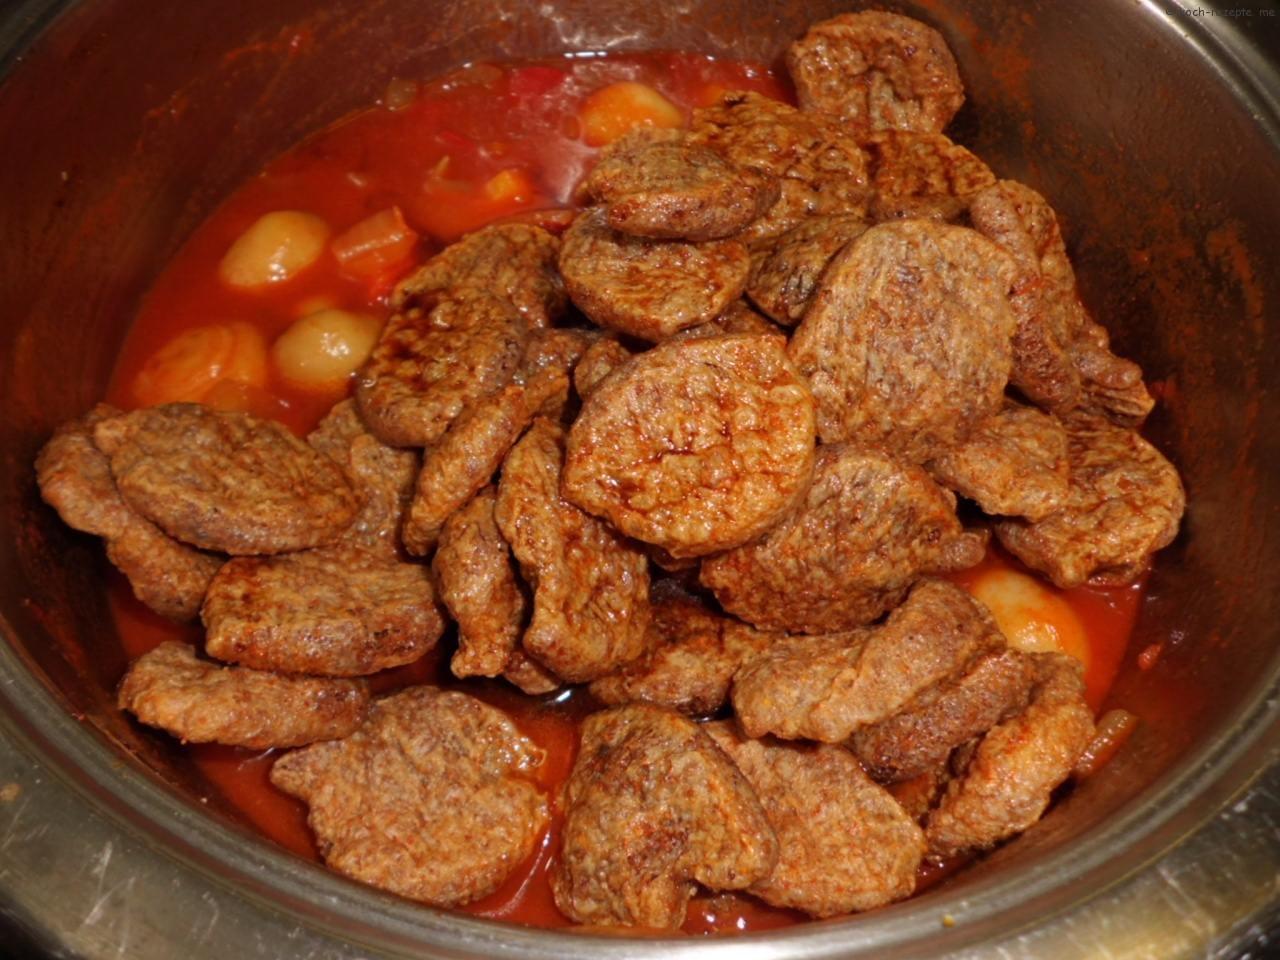 für das Gulasch vegetarisch die marinierten Soja-Brocken